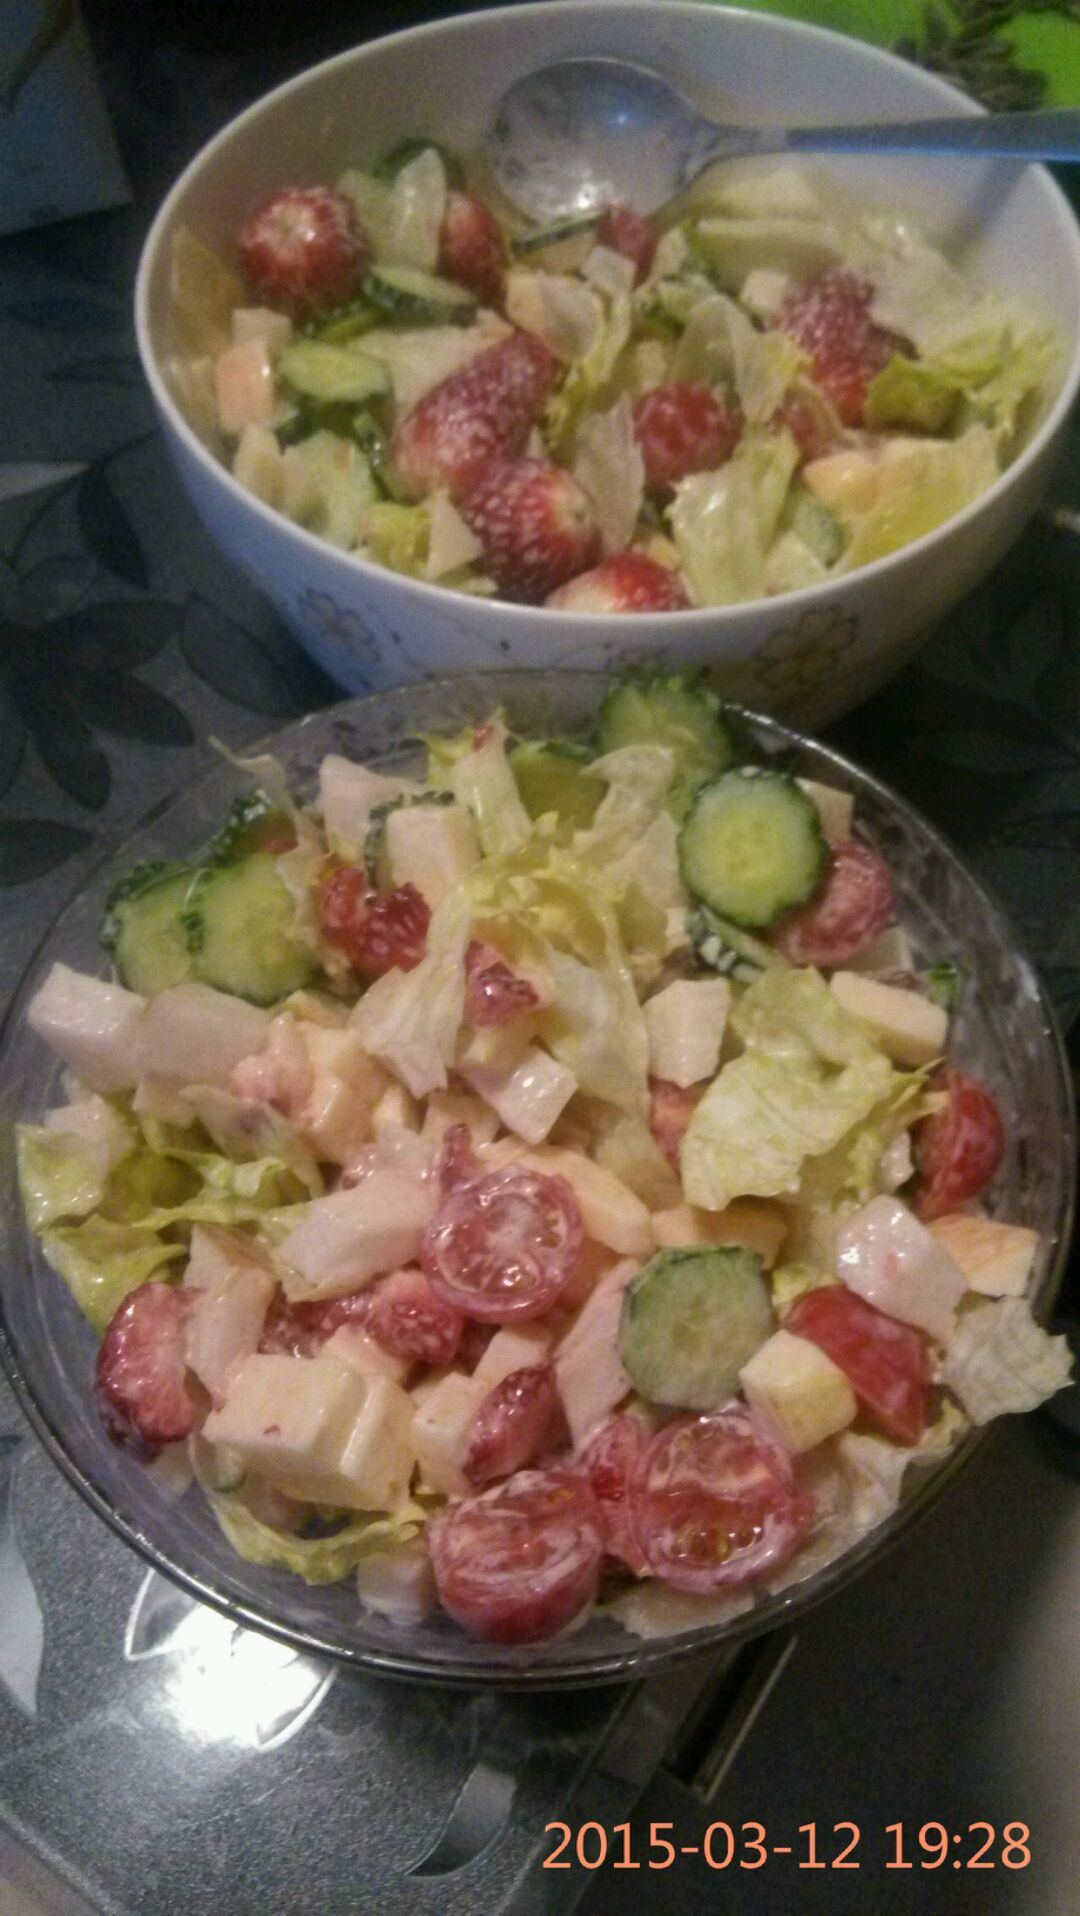 减肥期间晚餐吃蔬菜水果沙拉可以吗